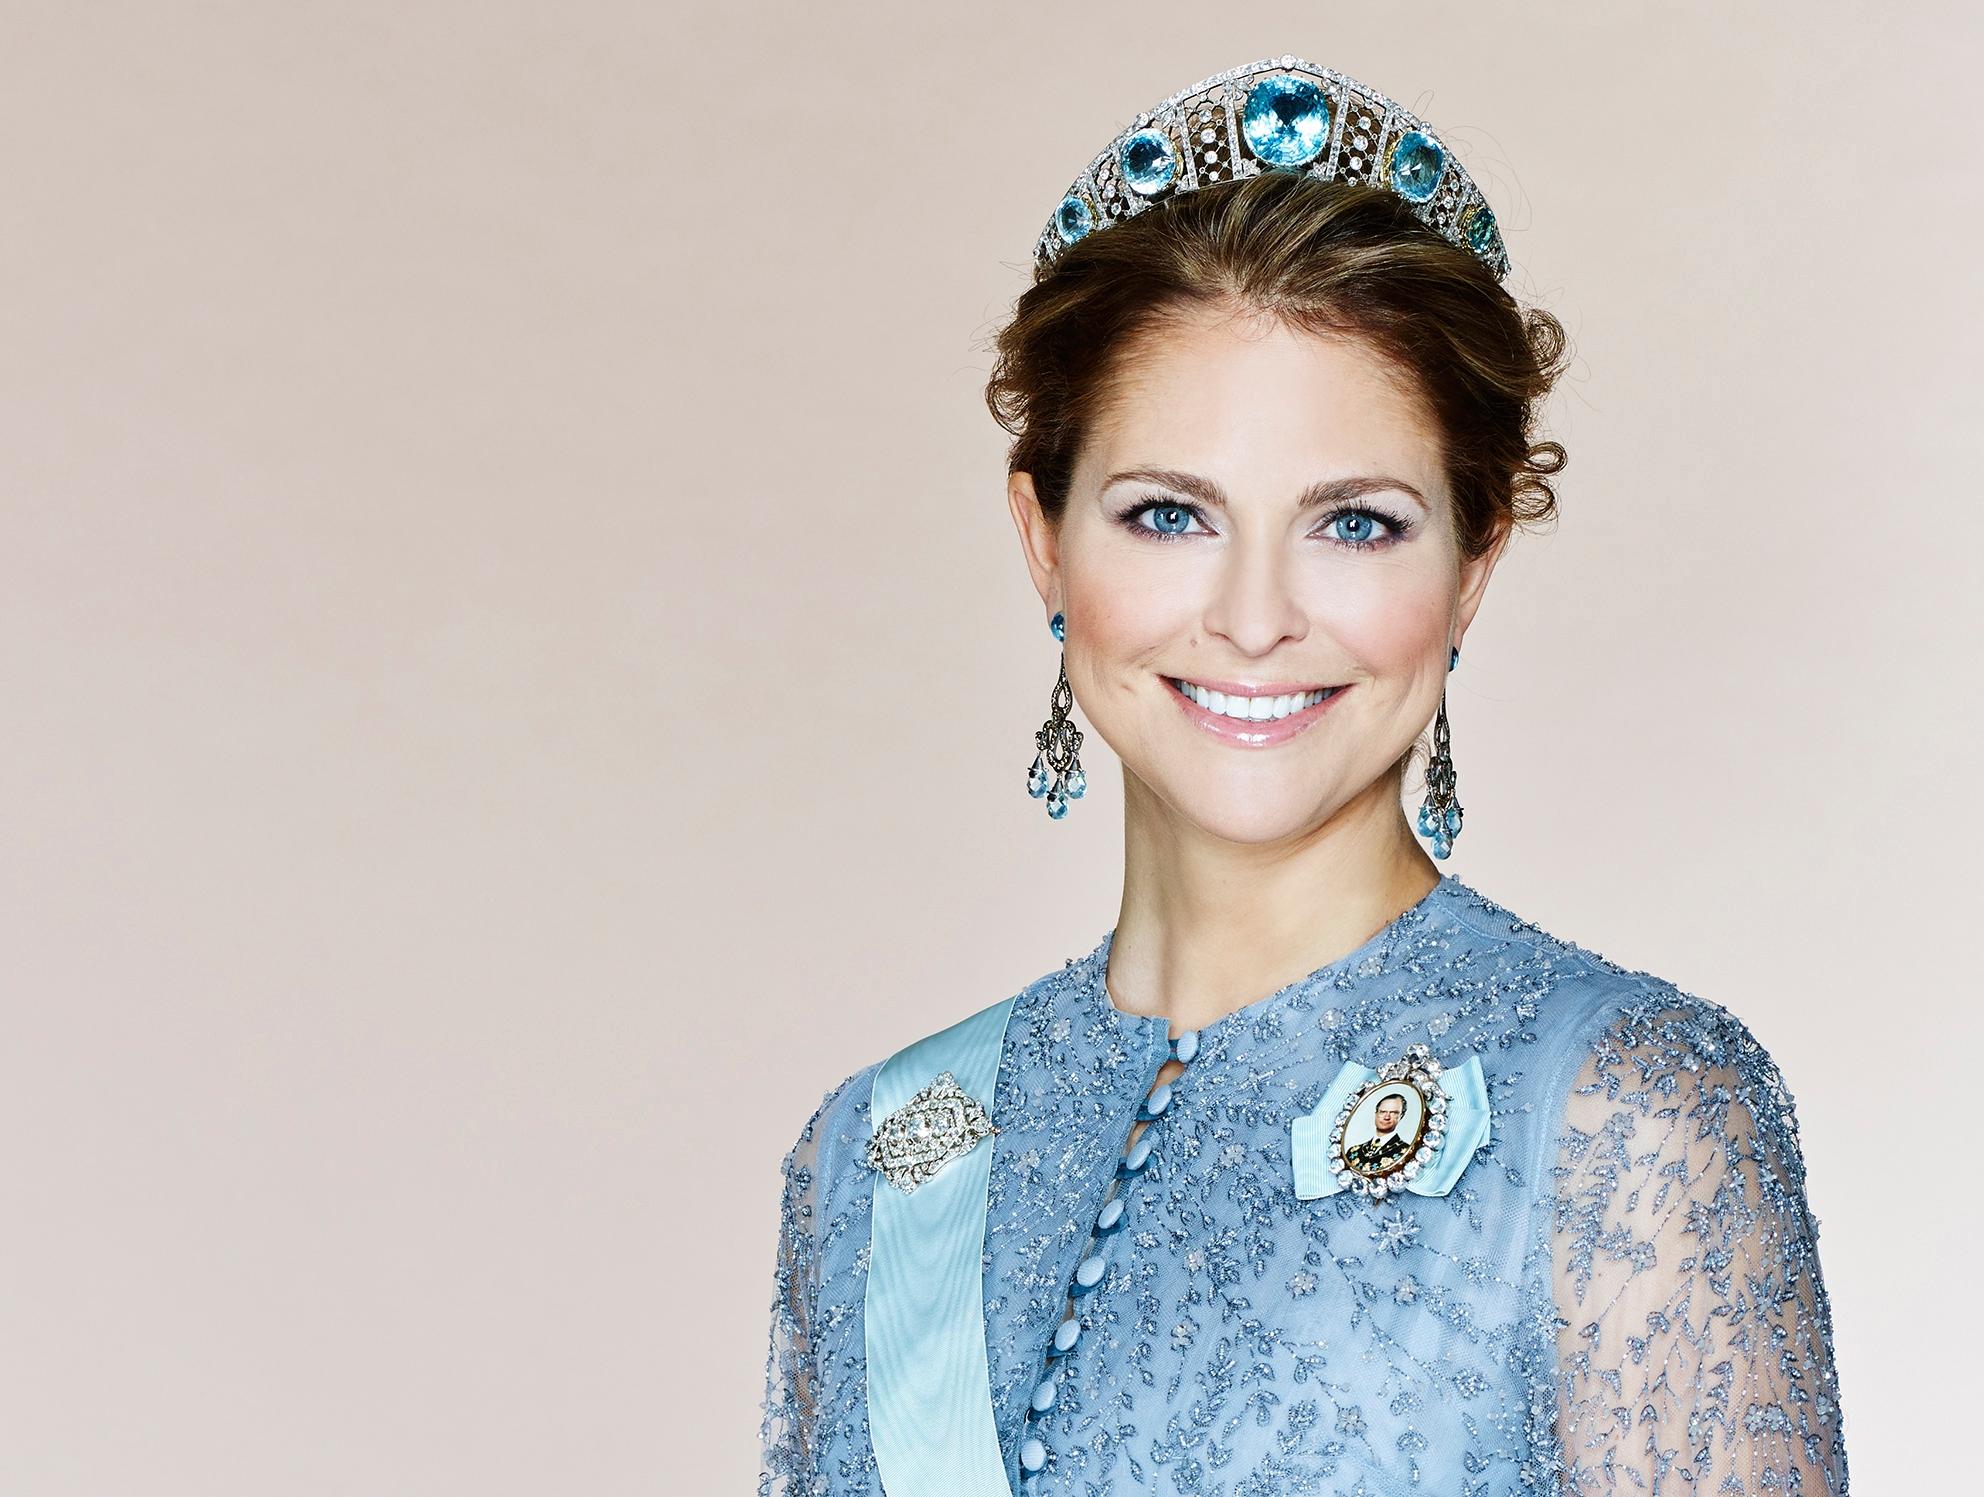 Die Aquamarine Kokoshnik-Tiara passt hervorragend zu den blauen Augen von Prinzessin Madeleine.  Foto Anna-Lena Ahlström, Kungahuset.se